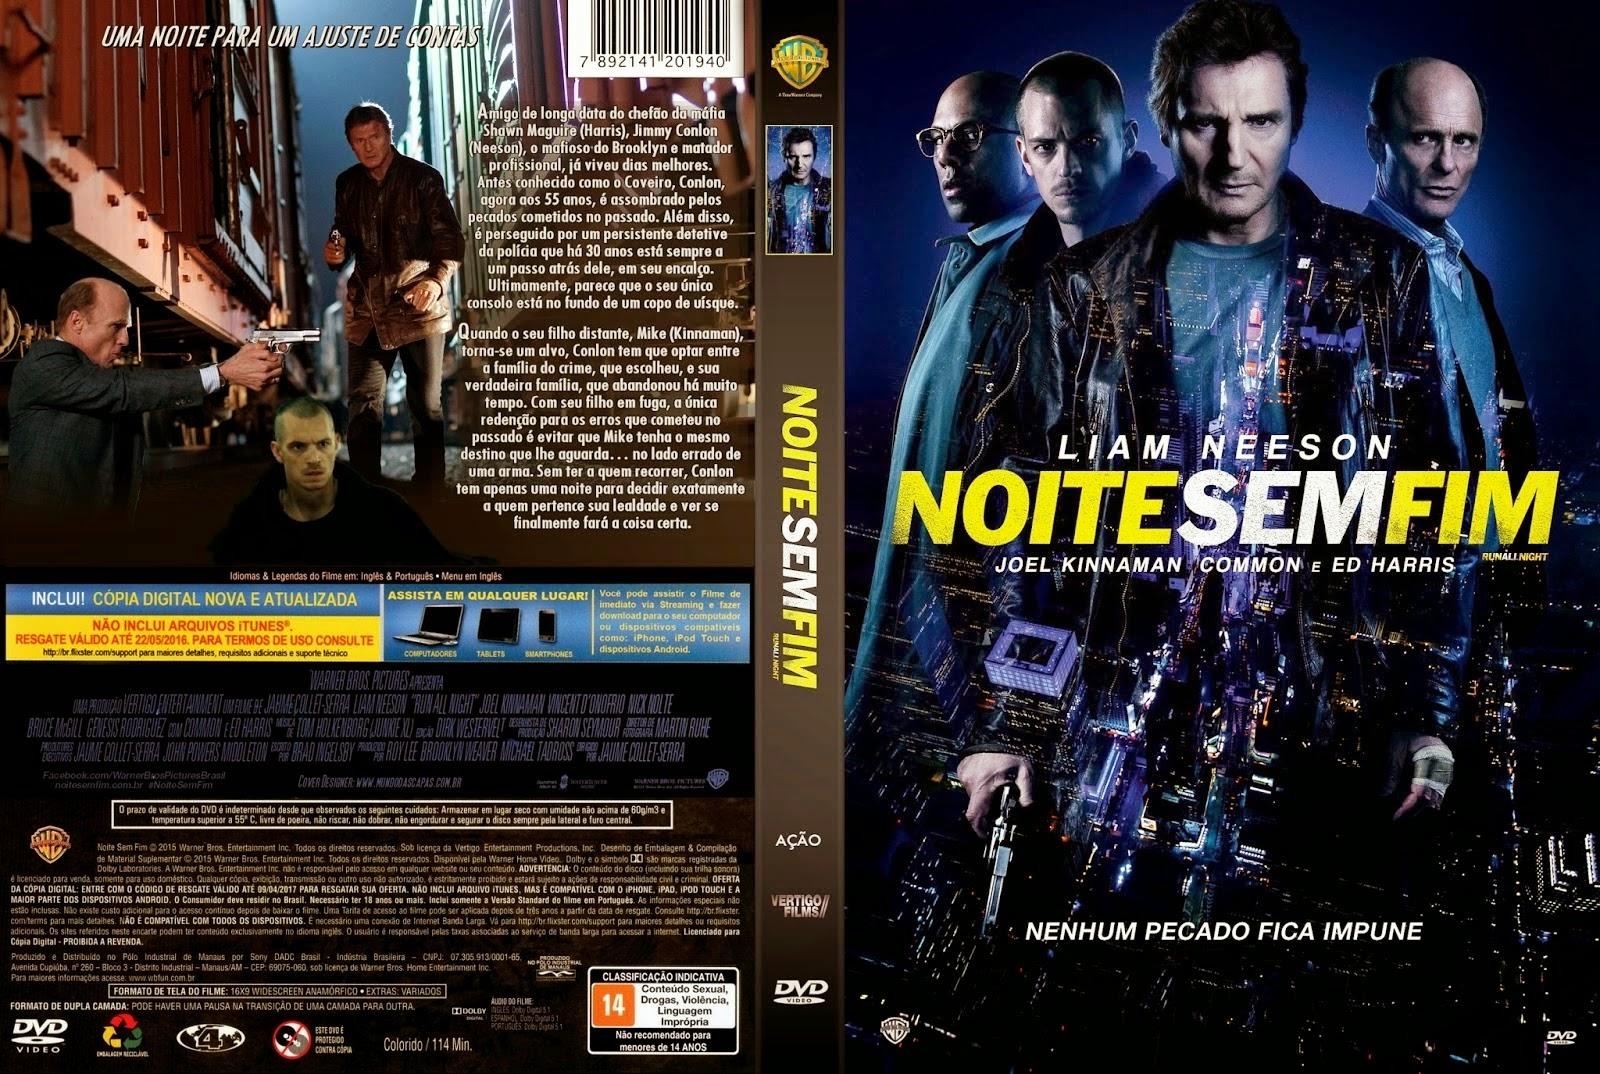 Baixar Noite Sem Fim DVD-R Noite 2BSem 2BFim 2B  2BCapa 2BFilme 2BDVD